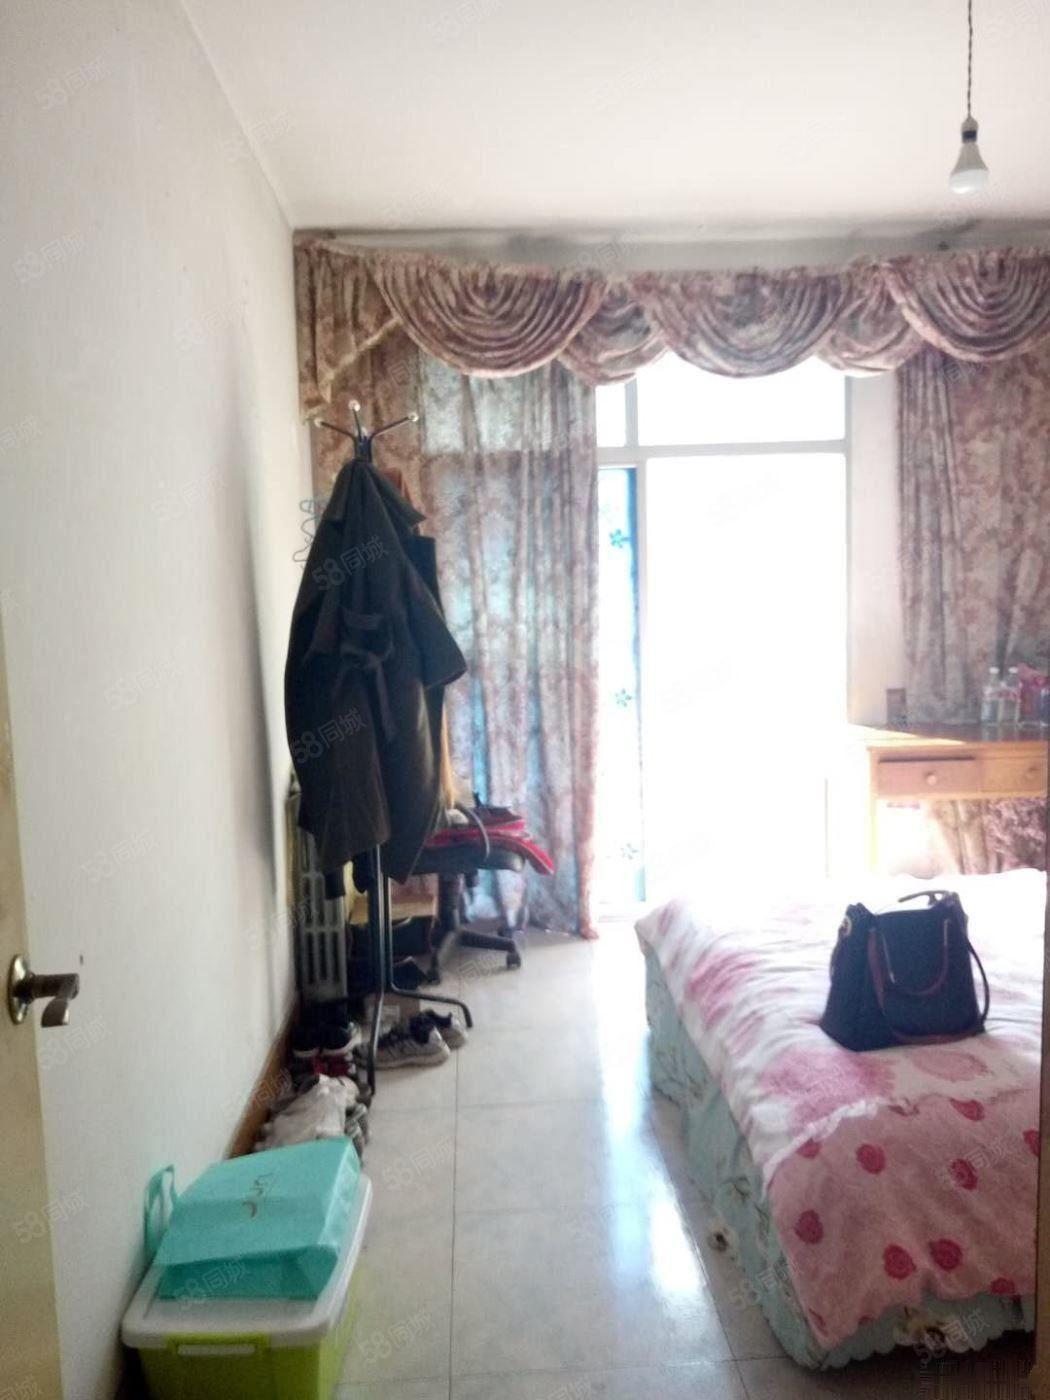 抗战北路(粮苑小区)顶楼温馨两室低于市场价10万急售